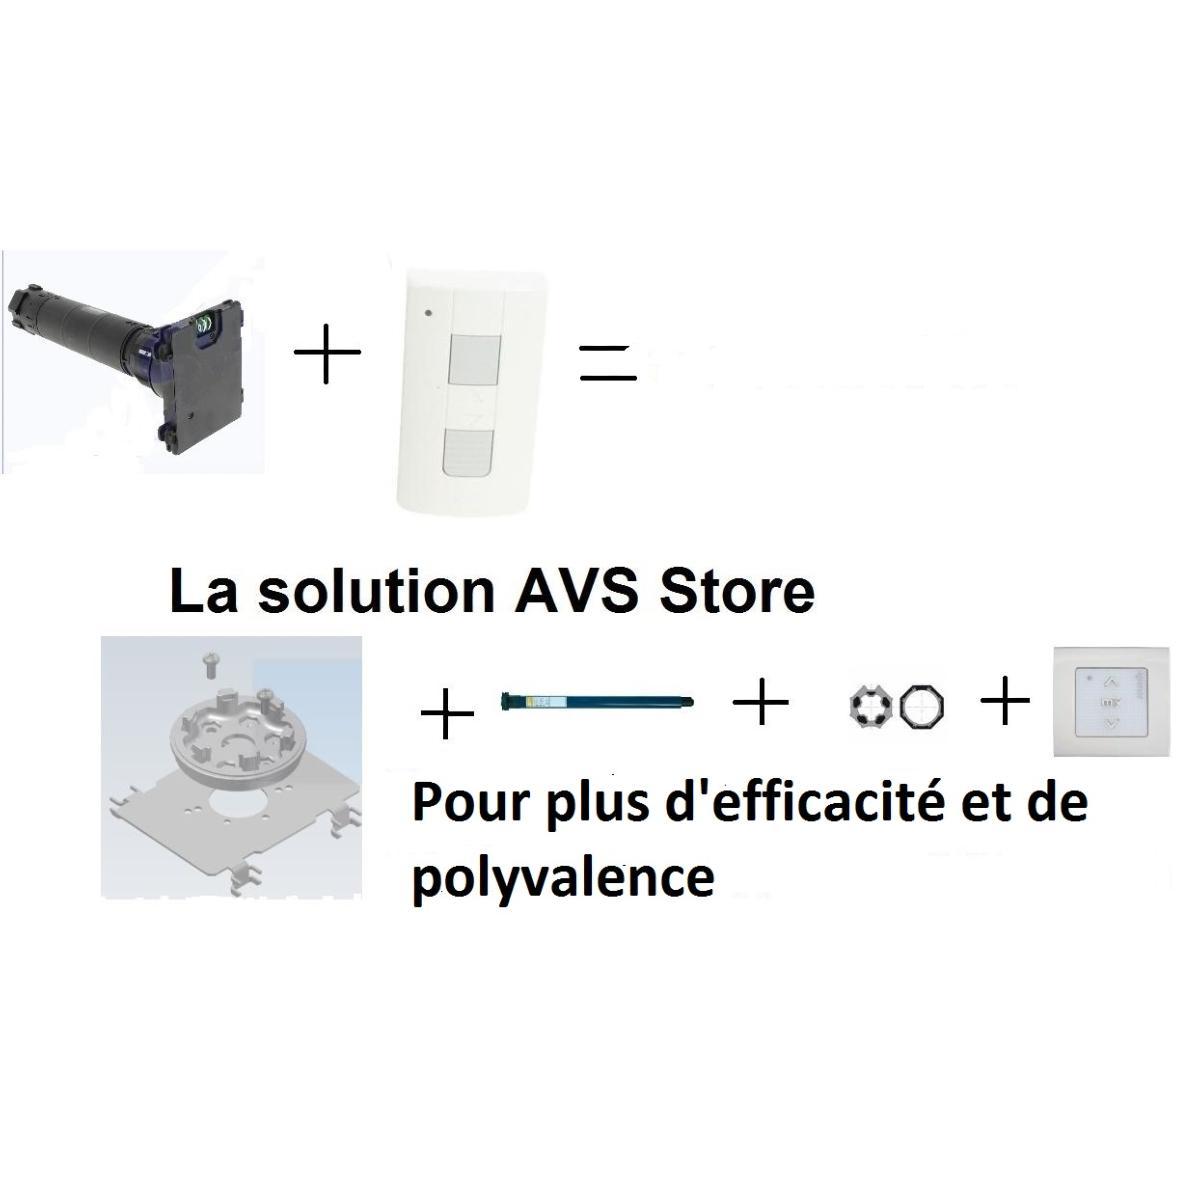 Kit D Adaptation Avs Store Pour Moteur Somfy Dans Volet Roulant Bubendorff Commande Rts